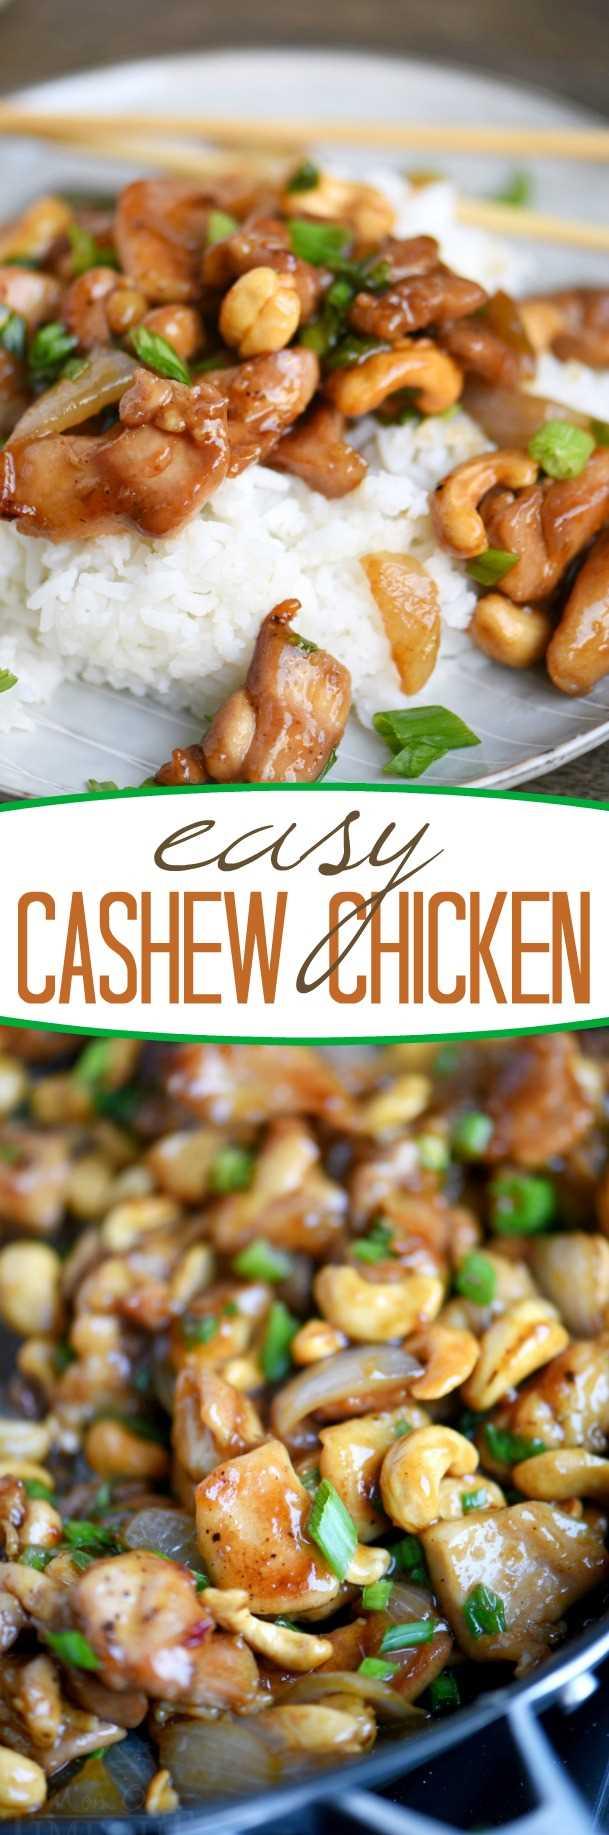 receta fácil de pollo con anacardos en sartén y en plato